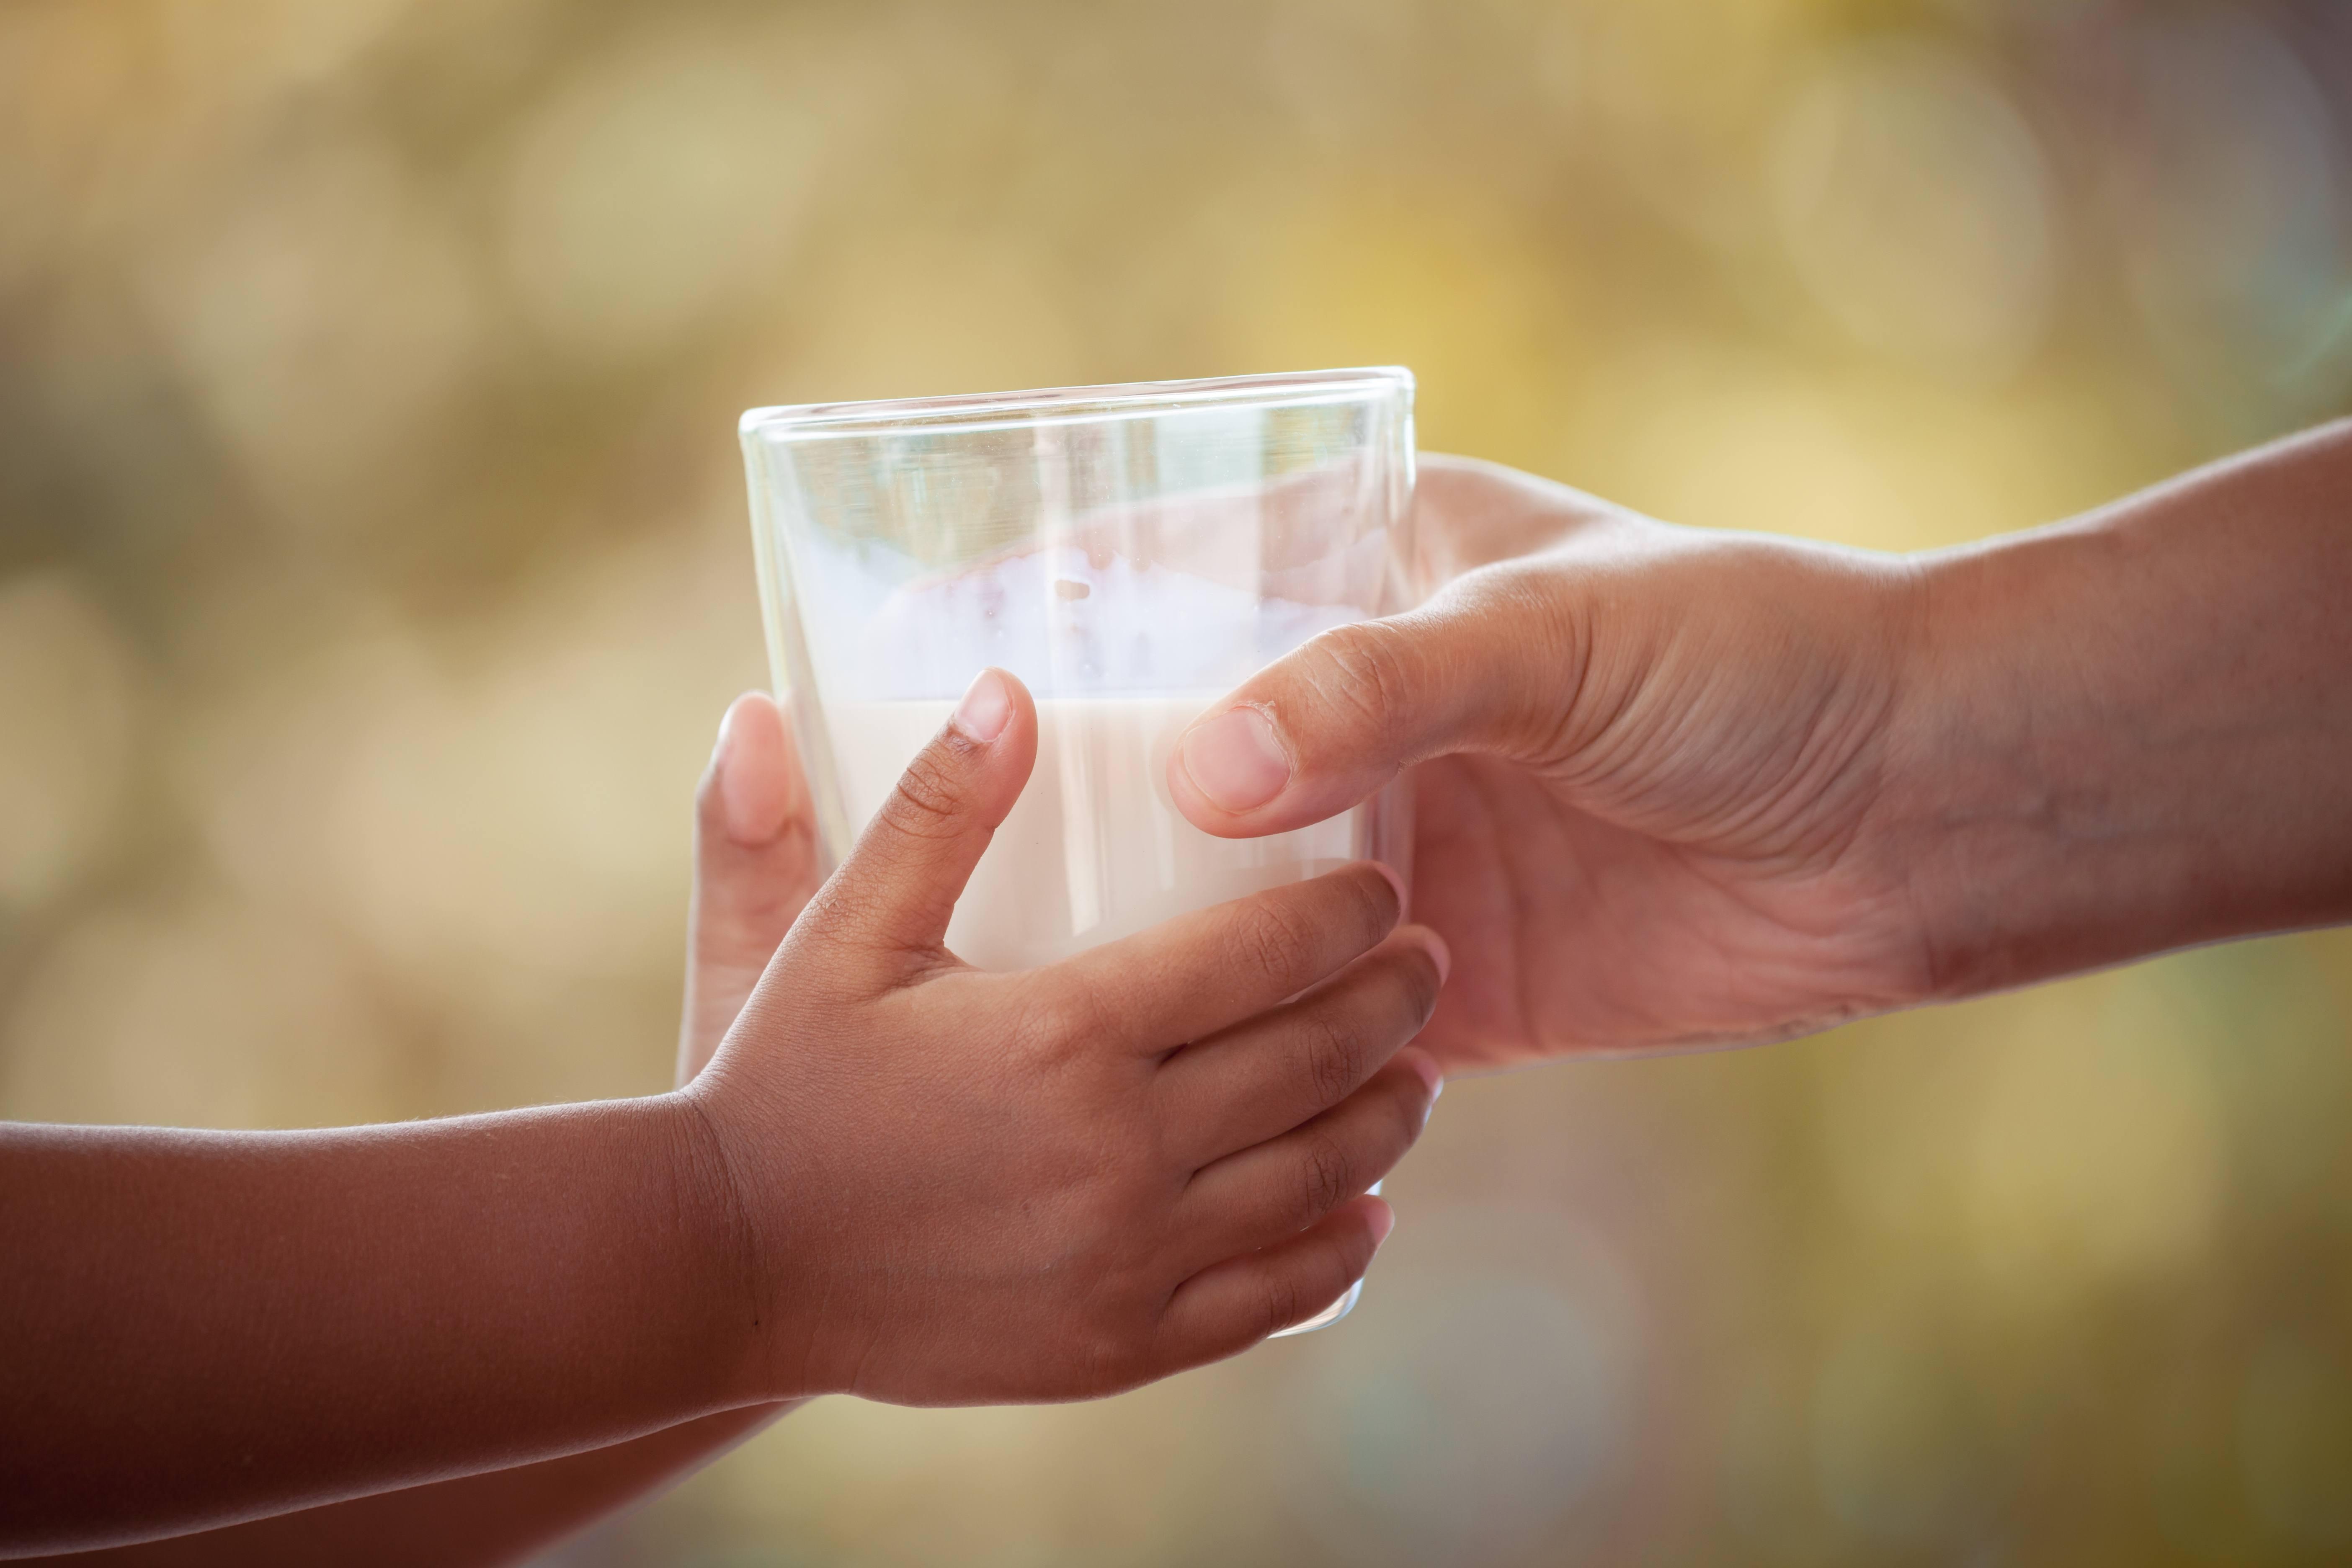 Milch trinken: gesund oder ungesund?